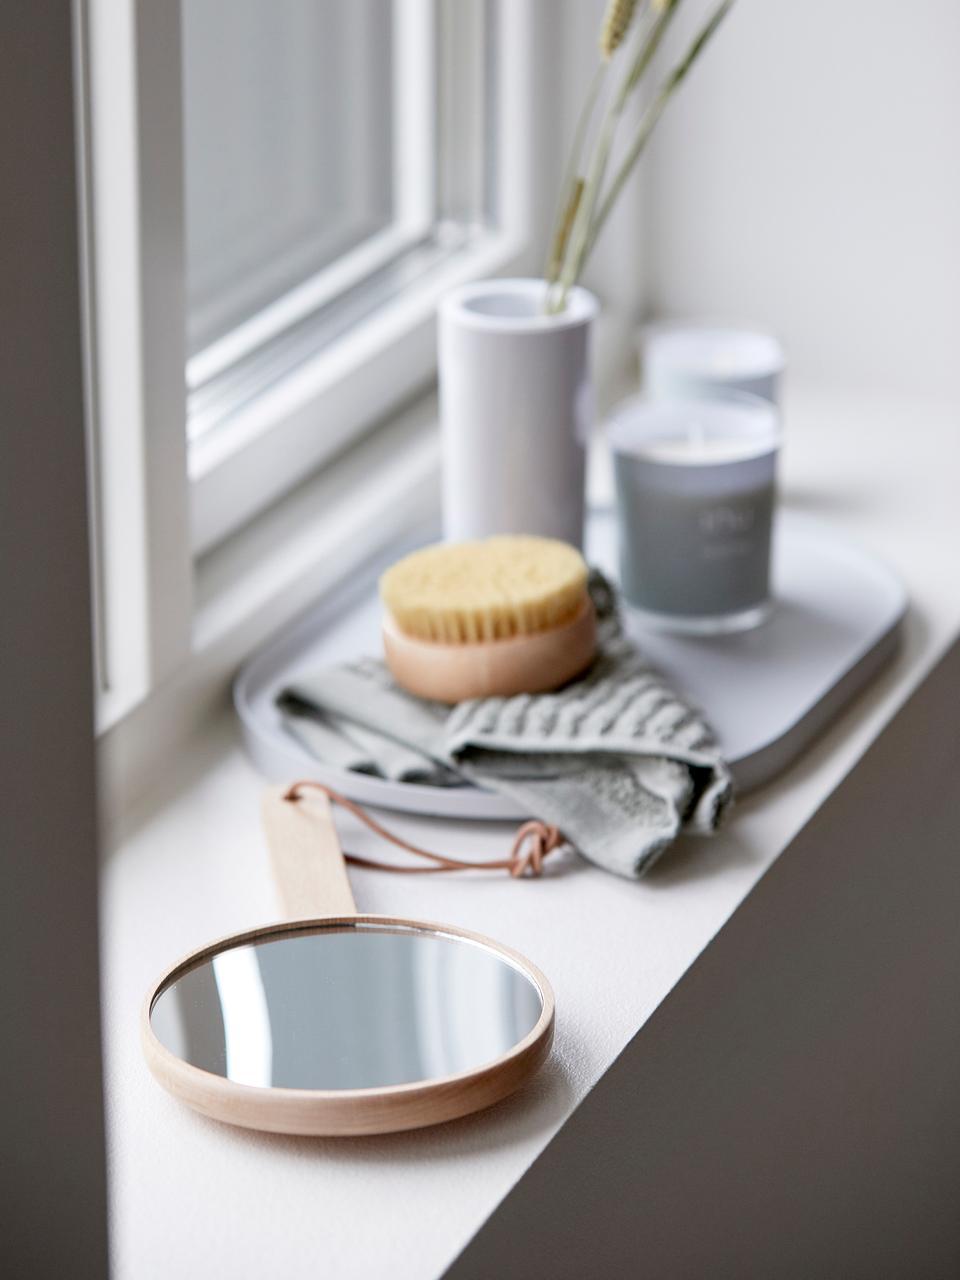 Kosmetikspiegel Inu, Holz, Spiegelglas, Holz, 14 x 27 cm